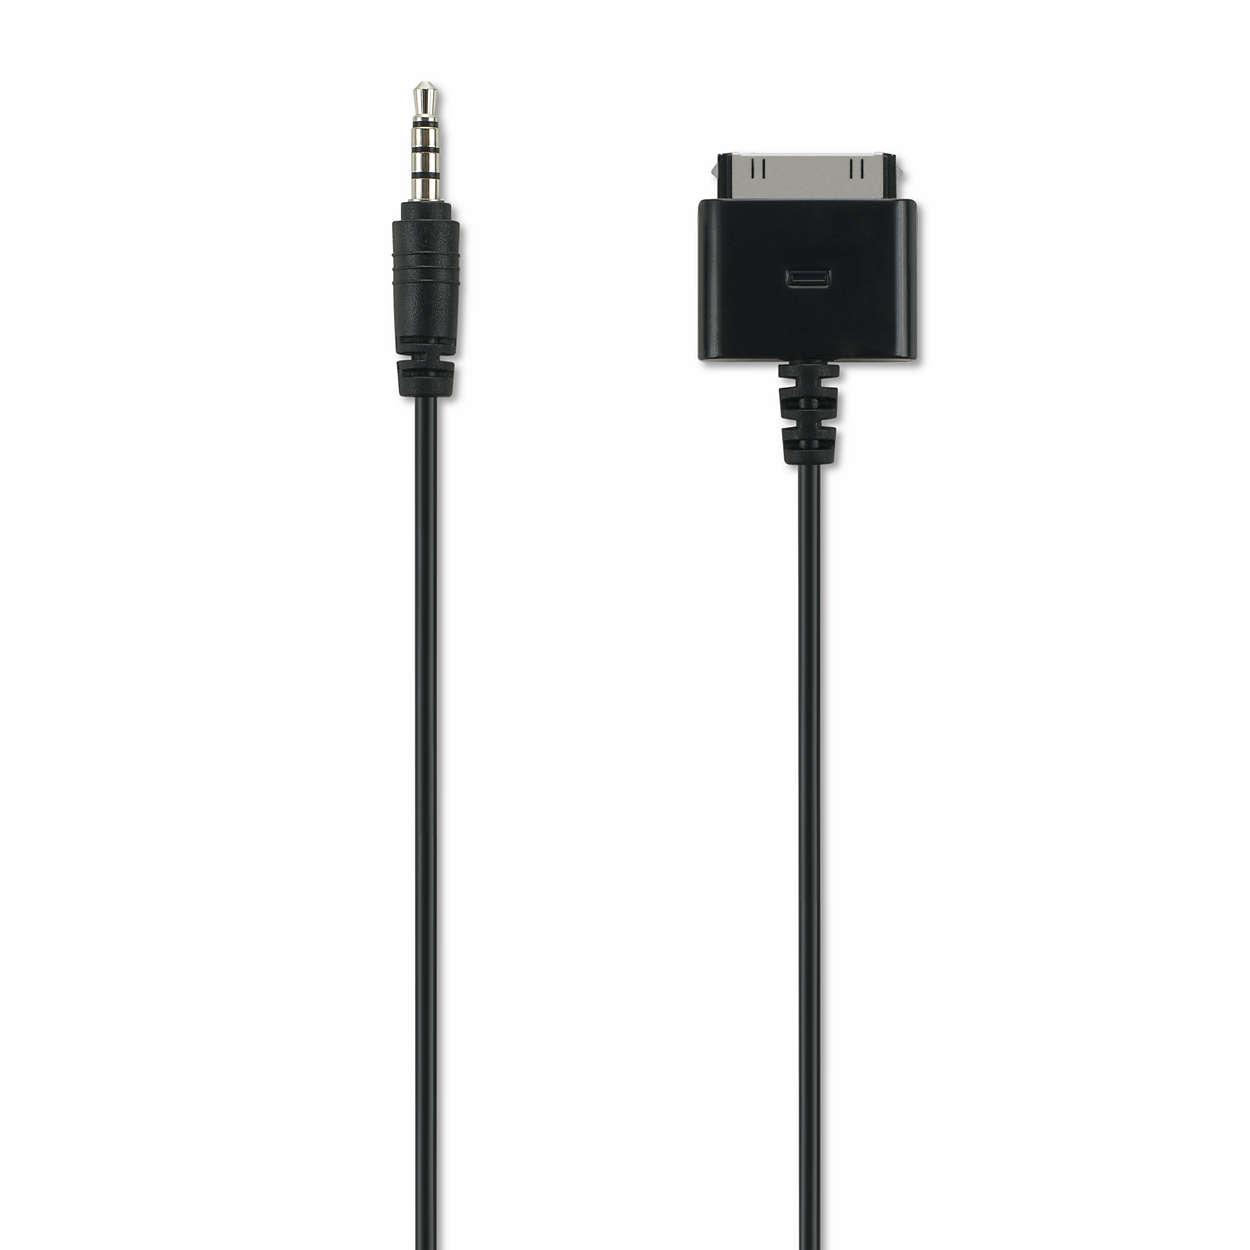 Καλώδιο ήχου/εικόνας για iPhone/iPod/iPad